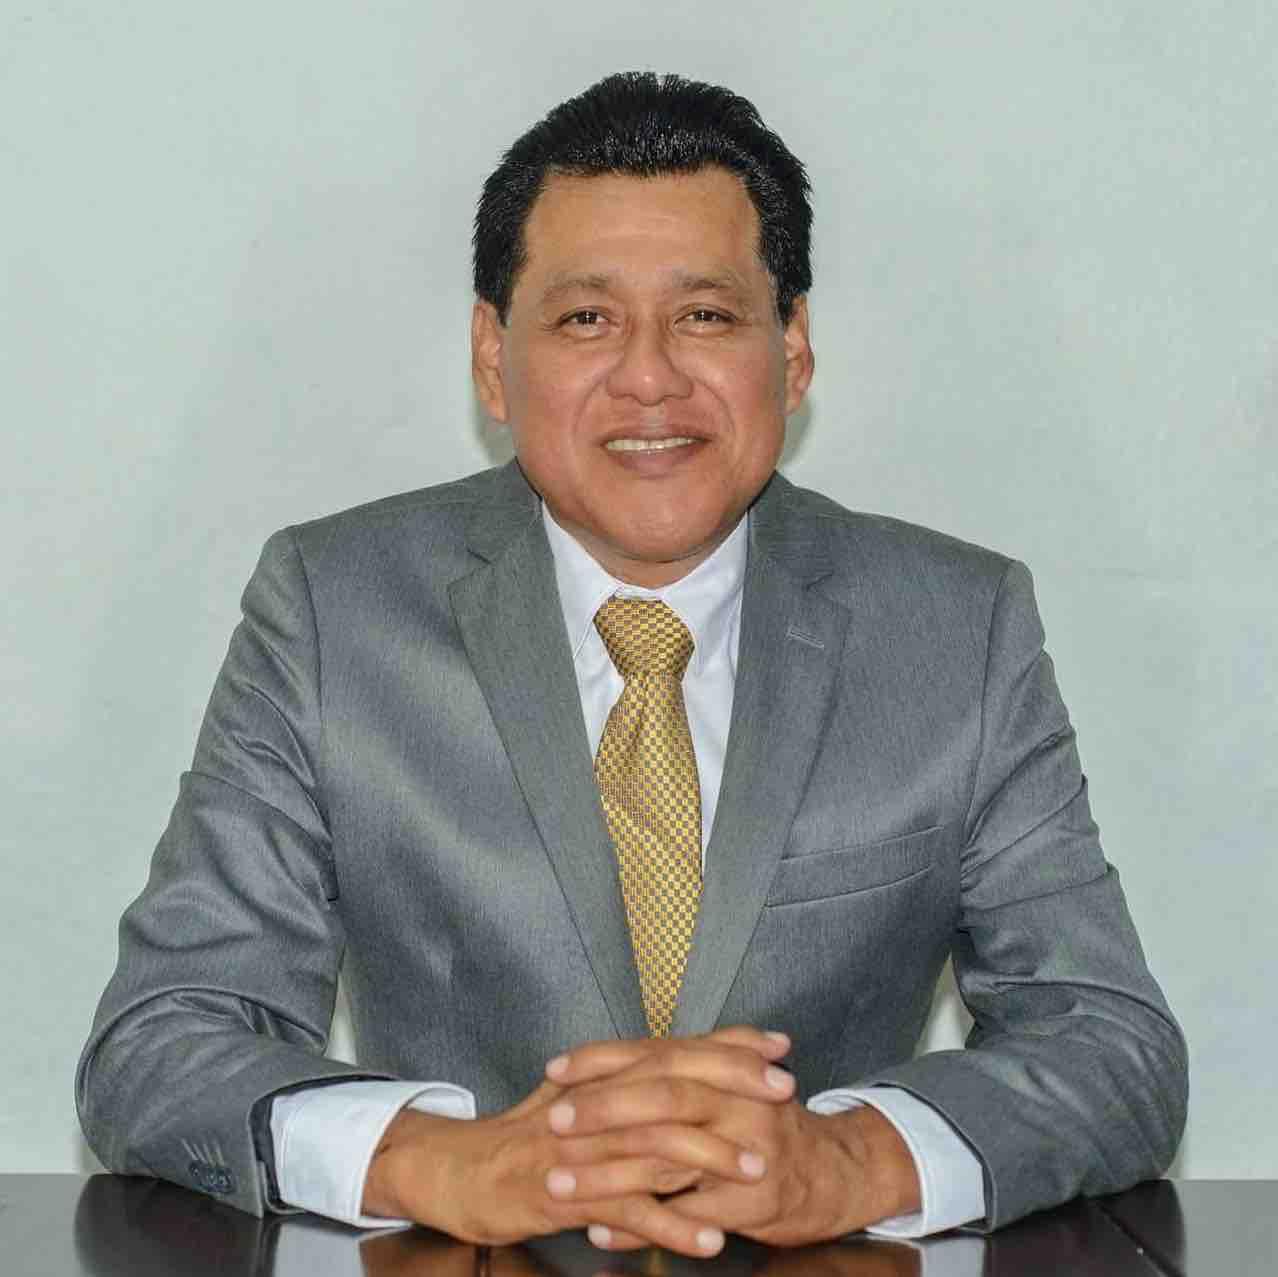 Dr. Bernardo Domínguez González